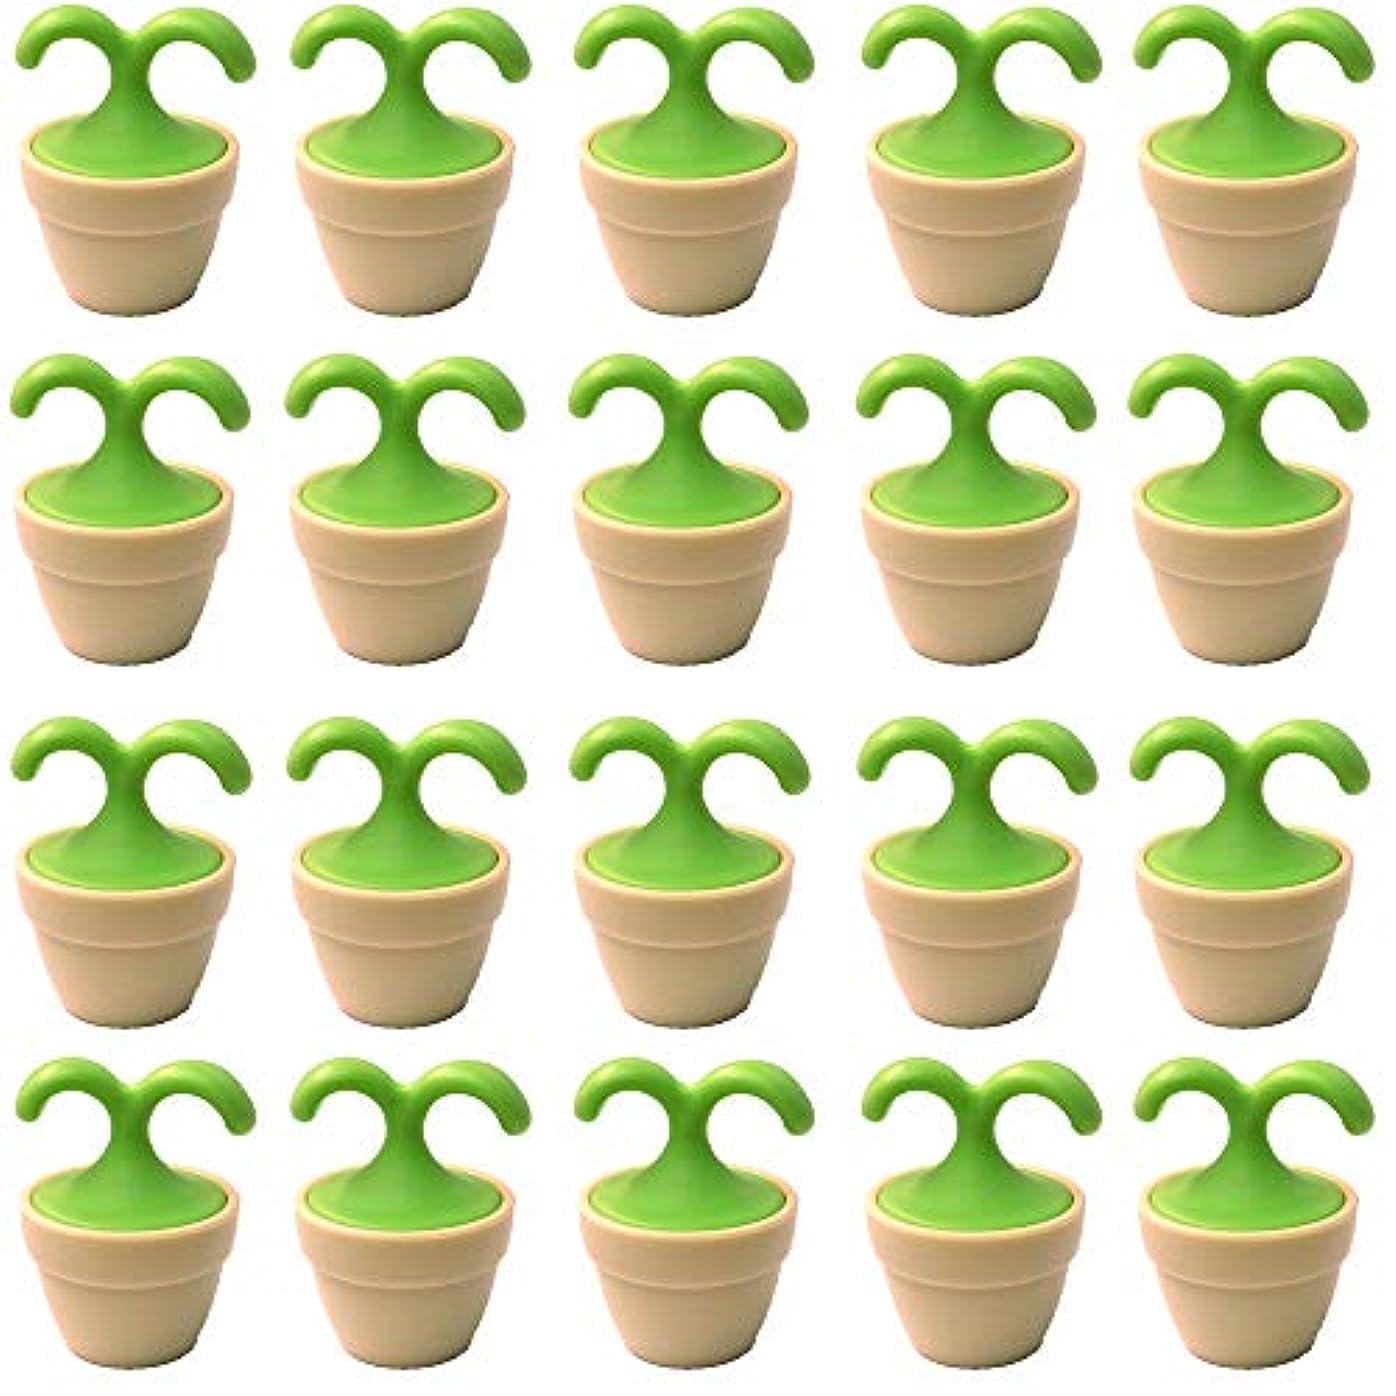 全体南西なに植木鉢コロコロマッサージャー 20個入り 退職転勤お礼プチギフト 専用ボックス入りラッピング サンキューシール付き(20個入り)